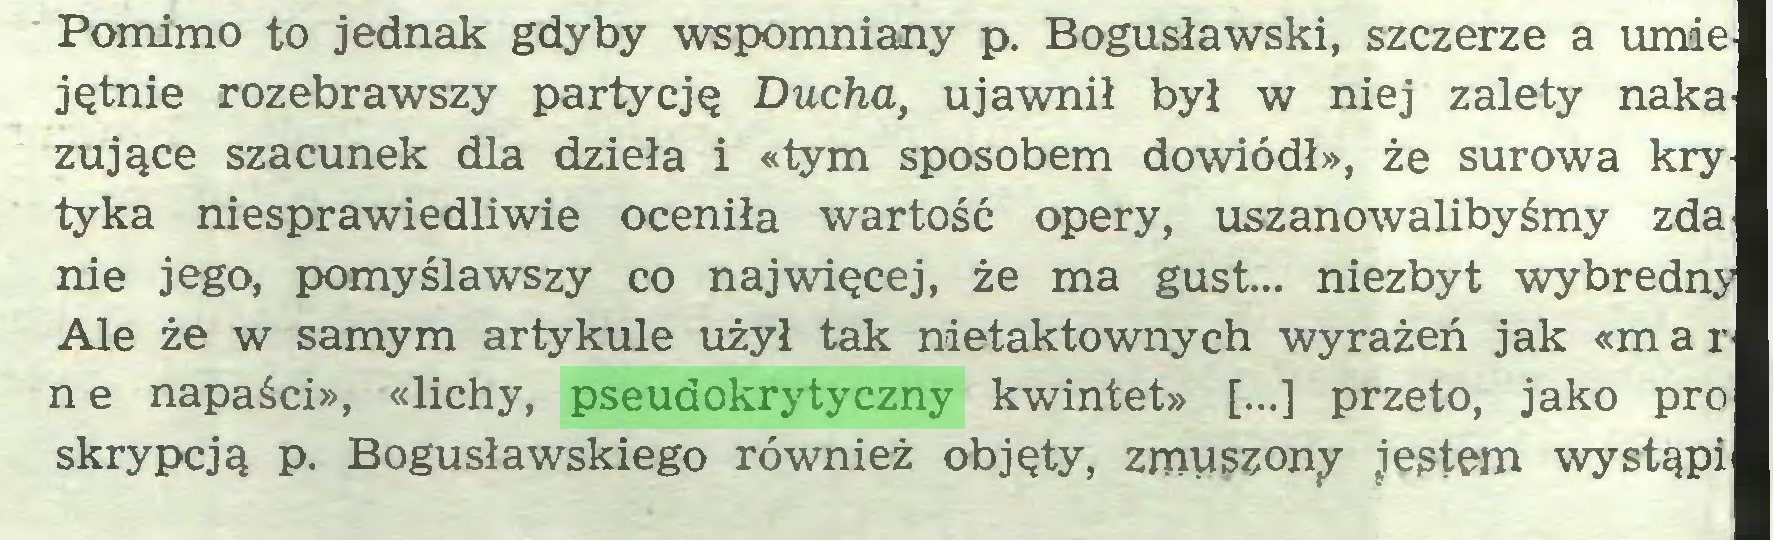 (...) Pomimo to jednak gdyby wspomniany p. Bogusławski, szczerze a umie jętnie rozebrawszy partycję Ducha, ujawnił był w niej zalety naka żujące szacunek dla dzieła i «tym sposobem dowiódł», że surowa kry tyka niesprawiedliwie oceniła wartość opery, uszanowalibyśmy zda nie jego, pomyślawszy co najwięcej, że ma gust... niezbyt wybredny Ale że w samym artykule użył tak nietaktownych wyrażeń jak «mar n e napaści», «lichy, pseudokrytyczny kwintet» [...] przeto, jako pro skrypcją p. Bogusławskiego również objęty, zmuszony jestem wystąpi...